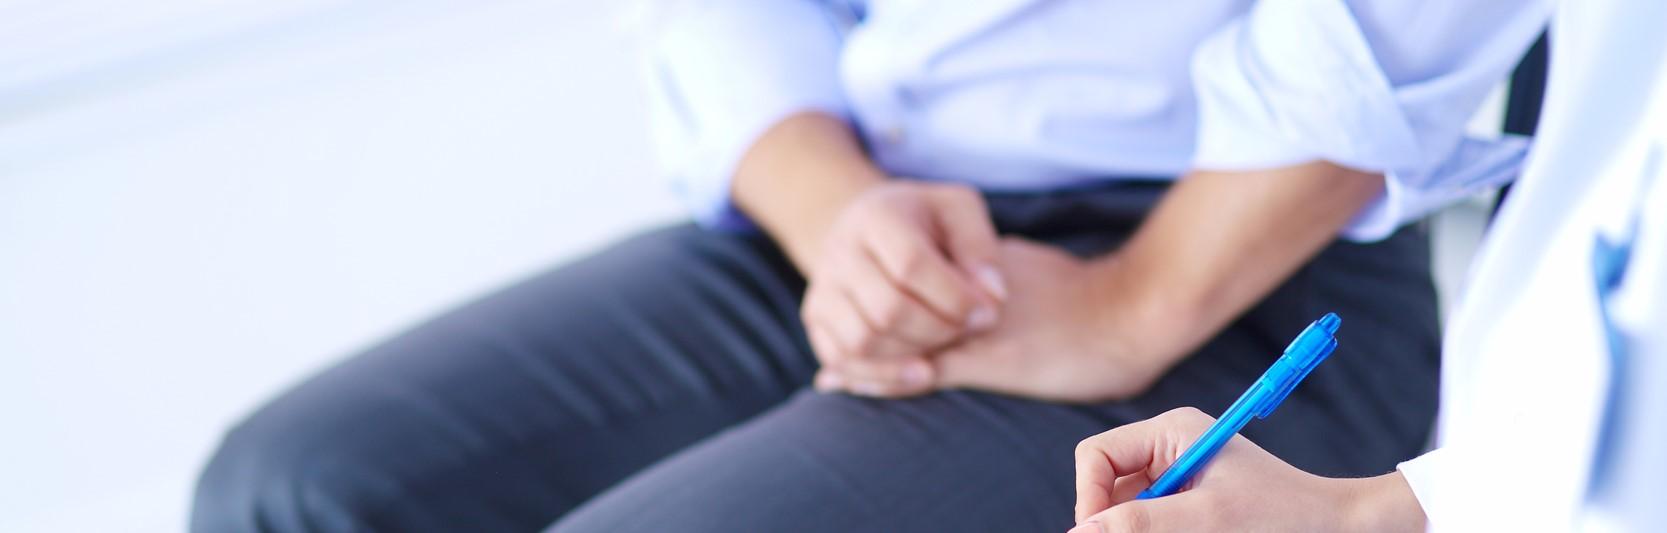 Newsartikel:Comorbidität: Ein besonderes Konzept in den KORIAN Einrichtungen